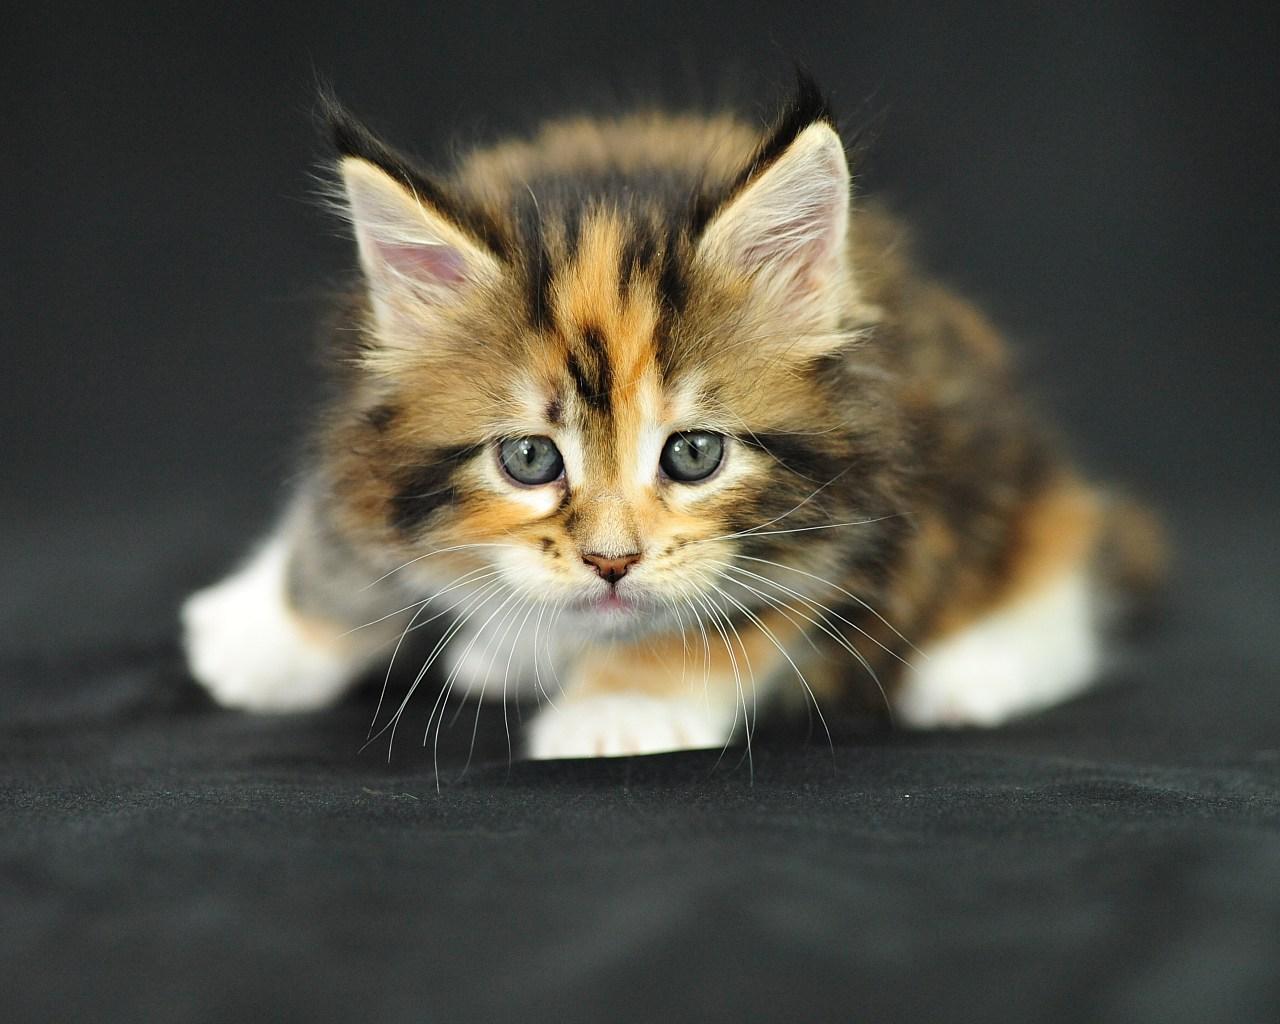 пятнистый и пушистый котенок, обои для рабочего стола, фото